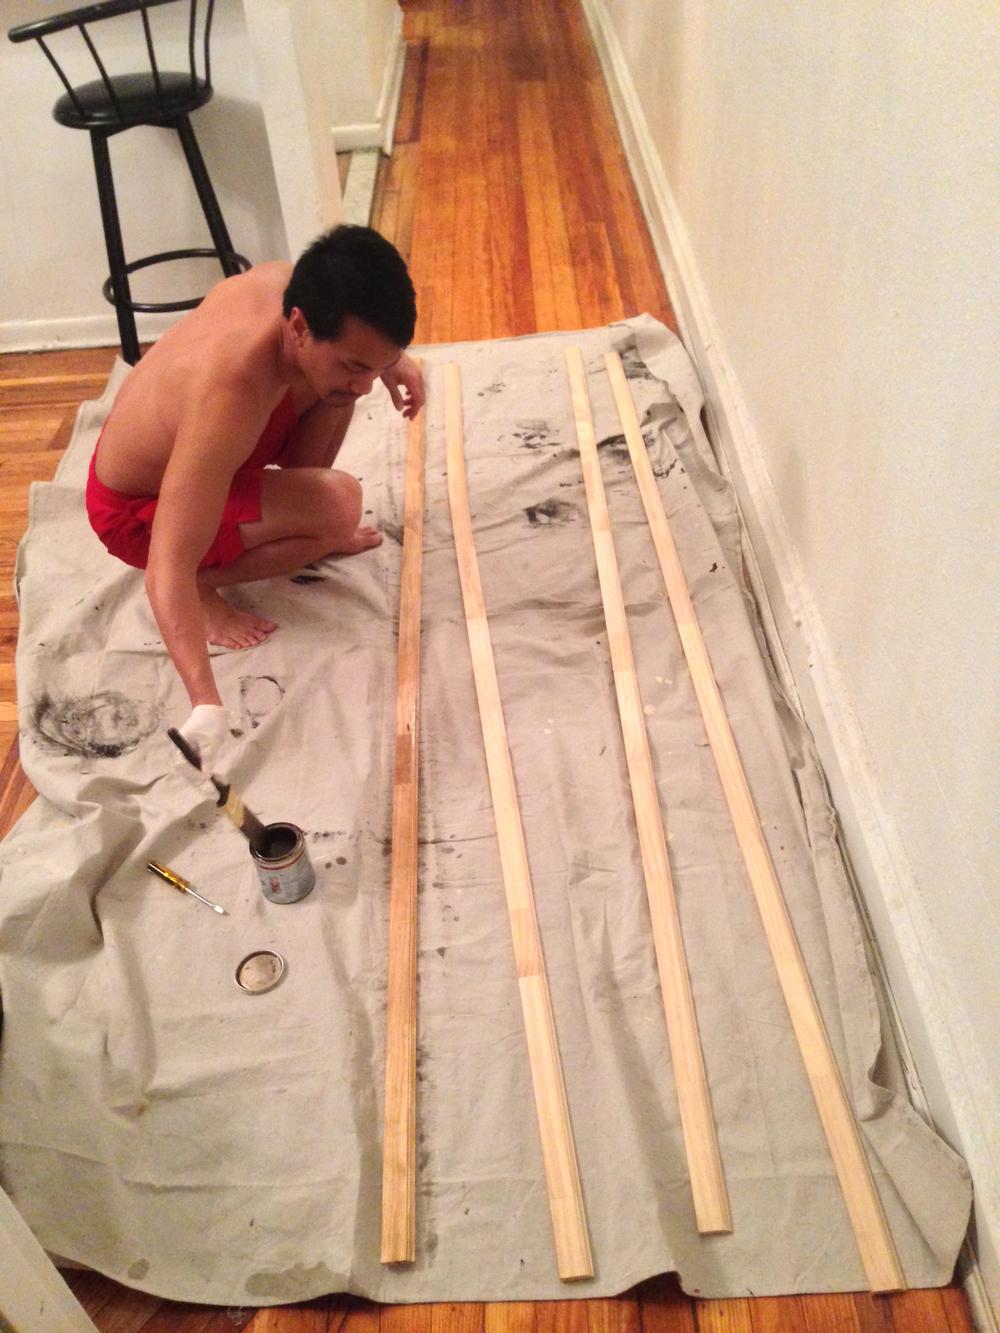 Kenway Hon Wai Kua lends a hand of building the set.